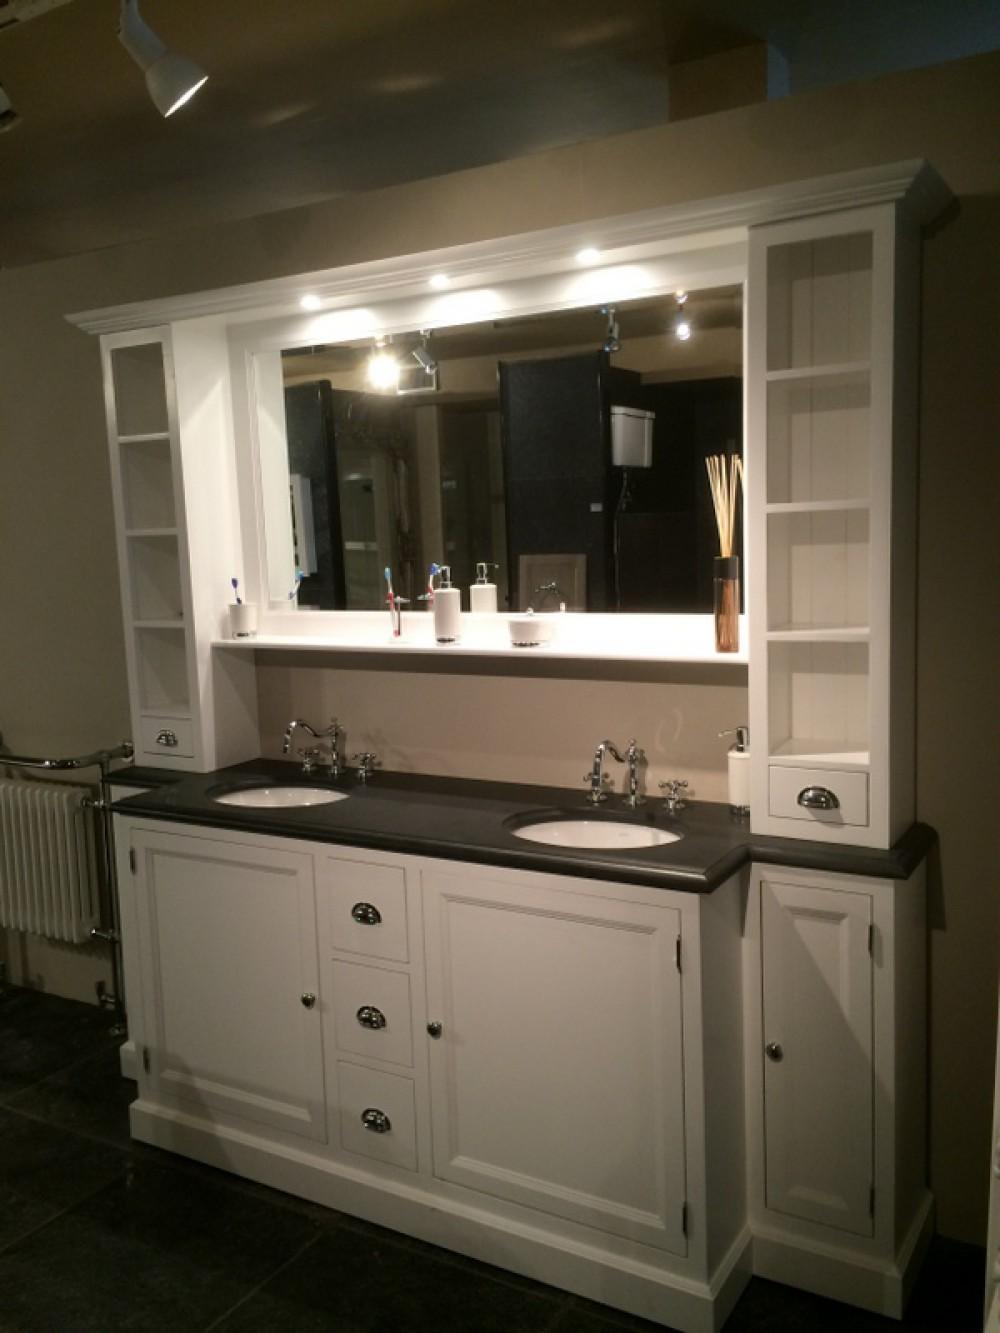 Badezimmerschrank Mit Integriertem Waschbecken